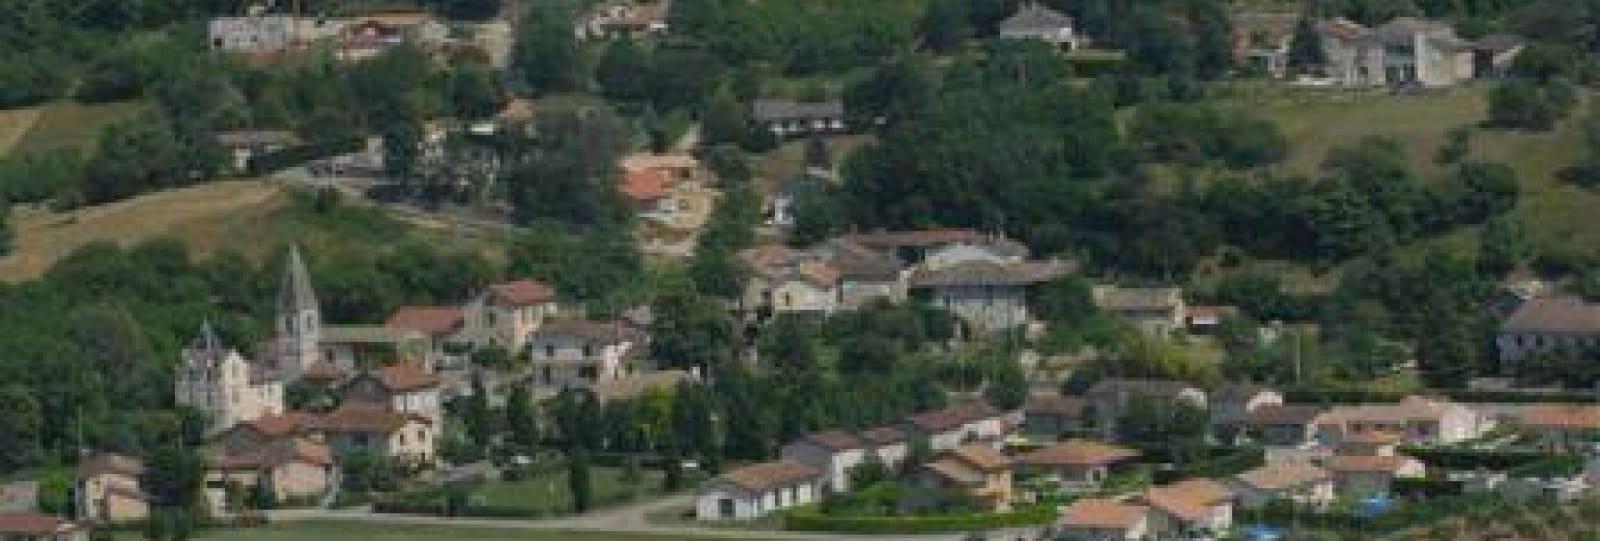 Village de La Baume d'Hostun